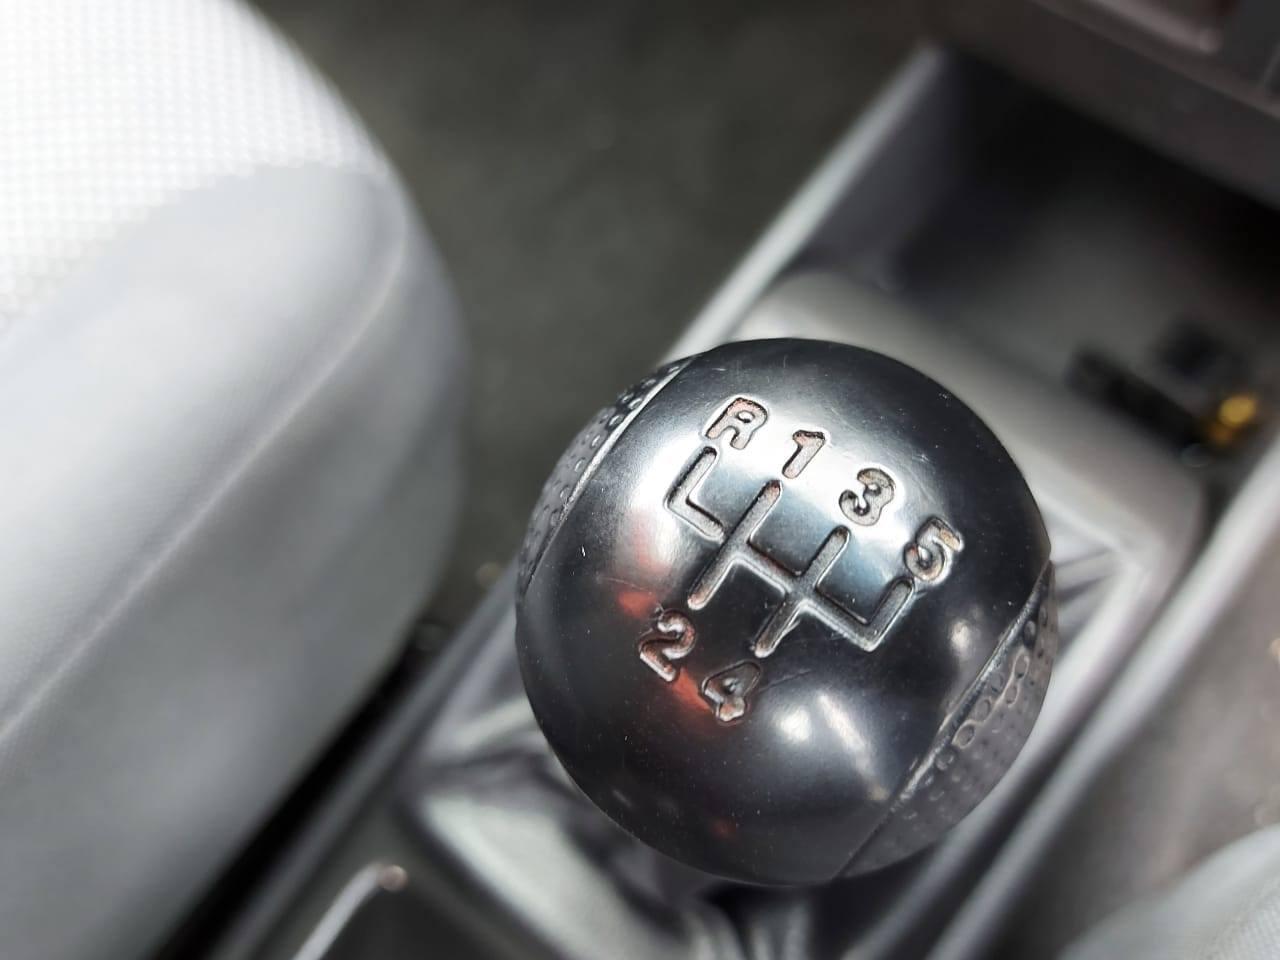 2014 Chevrolet Aveo 1.6 full